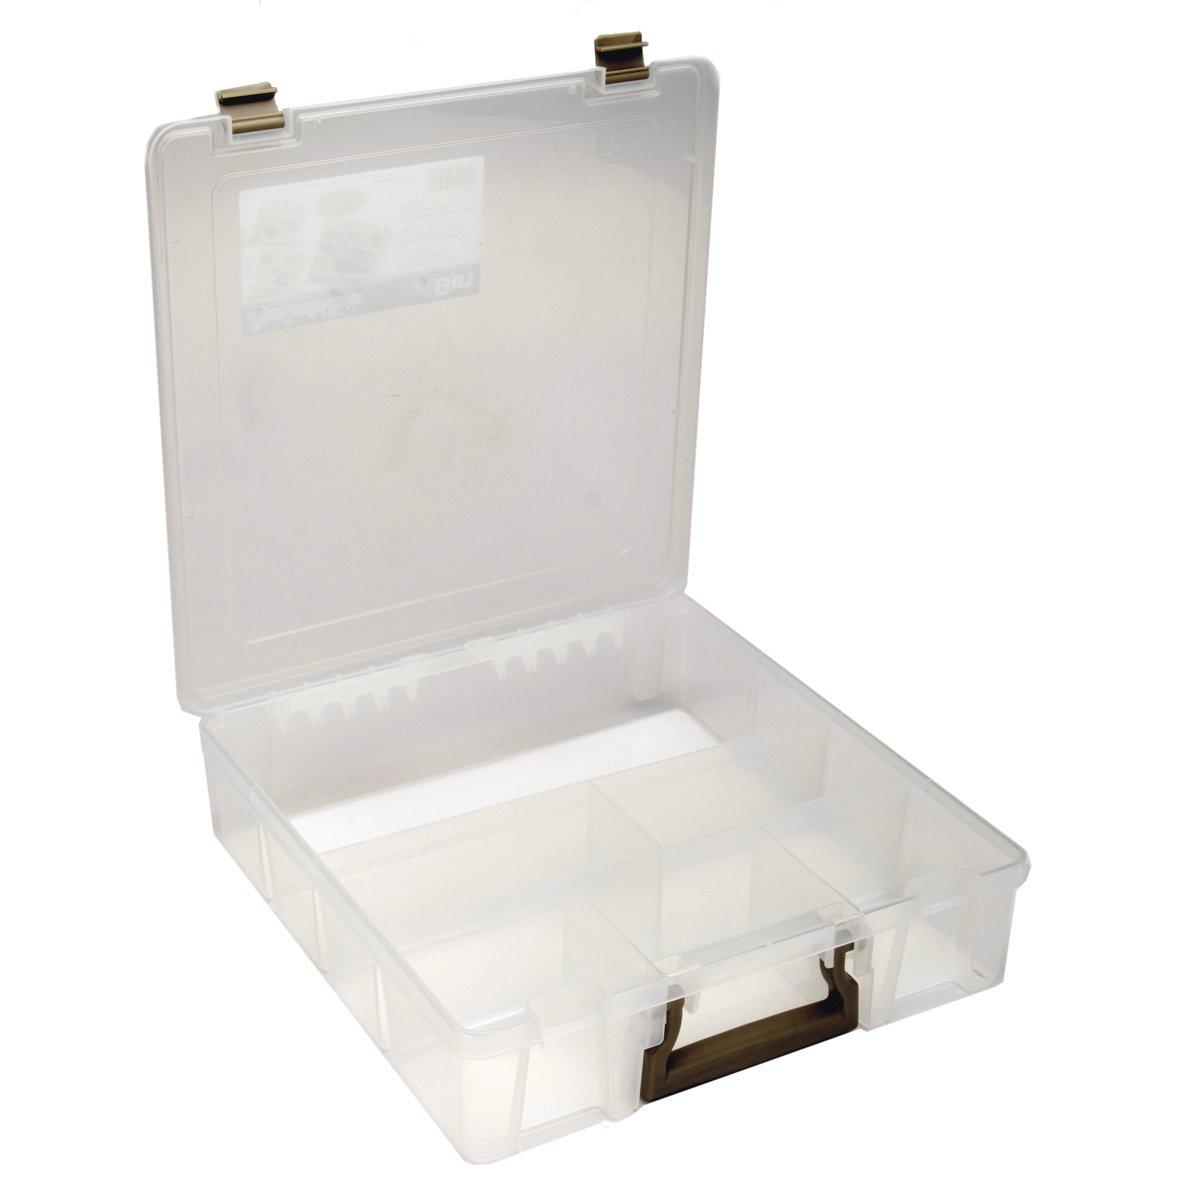 ArtBin Super Satchel-6 Fixed Divided Compartments-Translucent-9001AB ART BIN